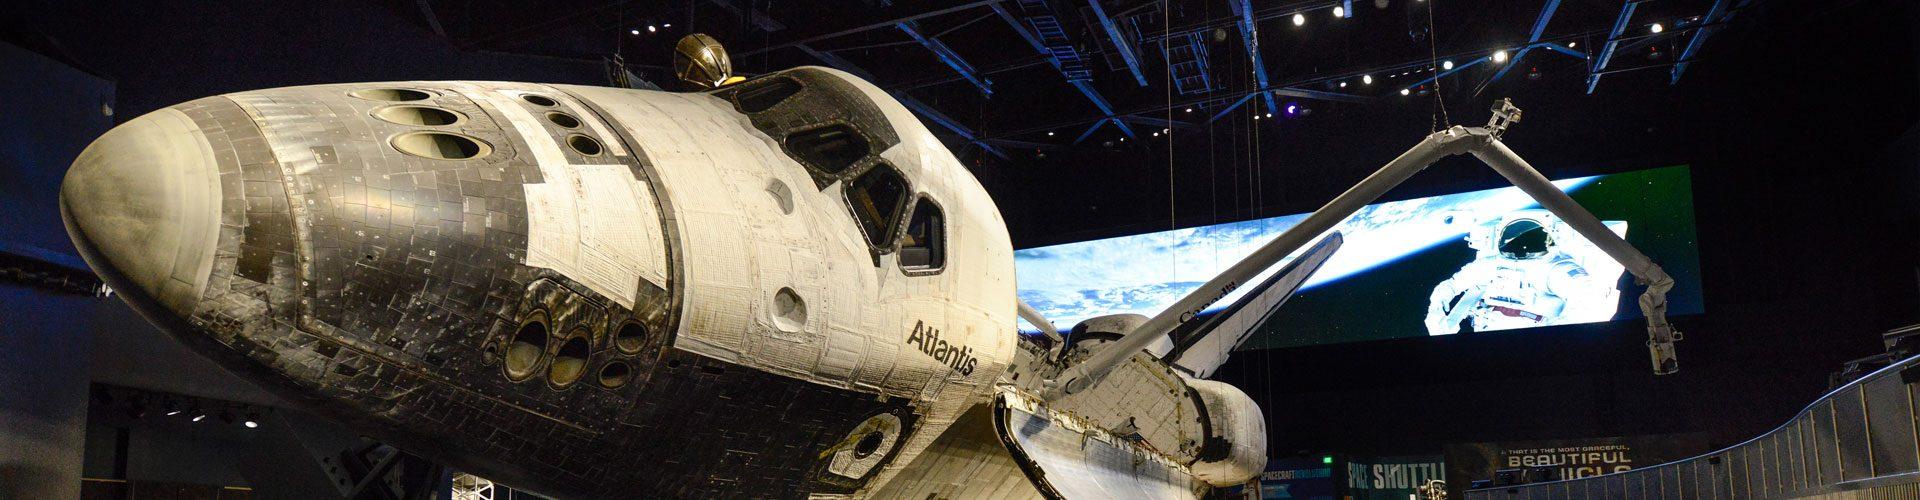 Ausstellung über das Raumschiff Atlantis, Orlando, Florida